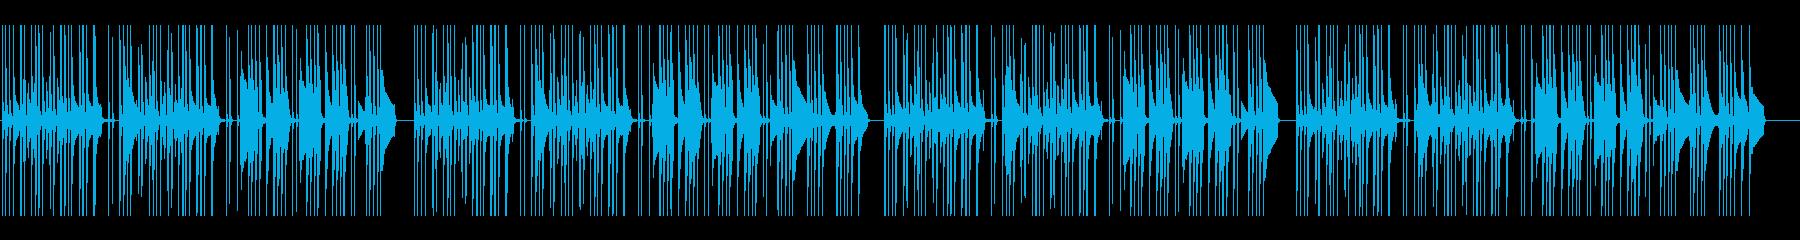 木琴で奏でるコミカルで不思議な曲の再生済みの波形